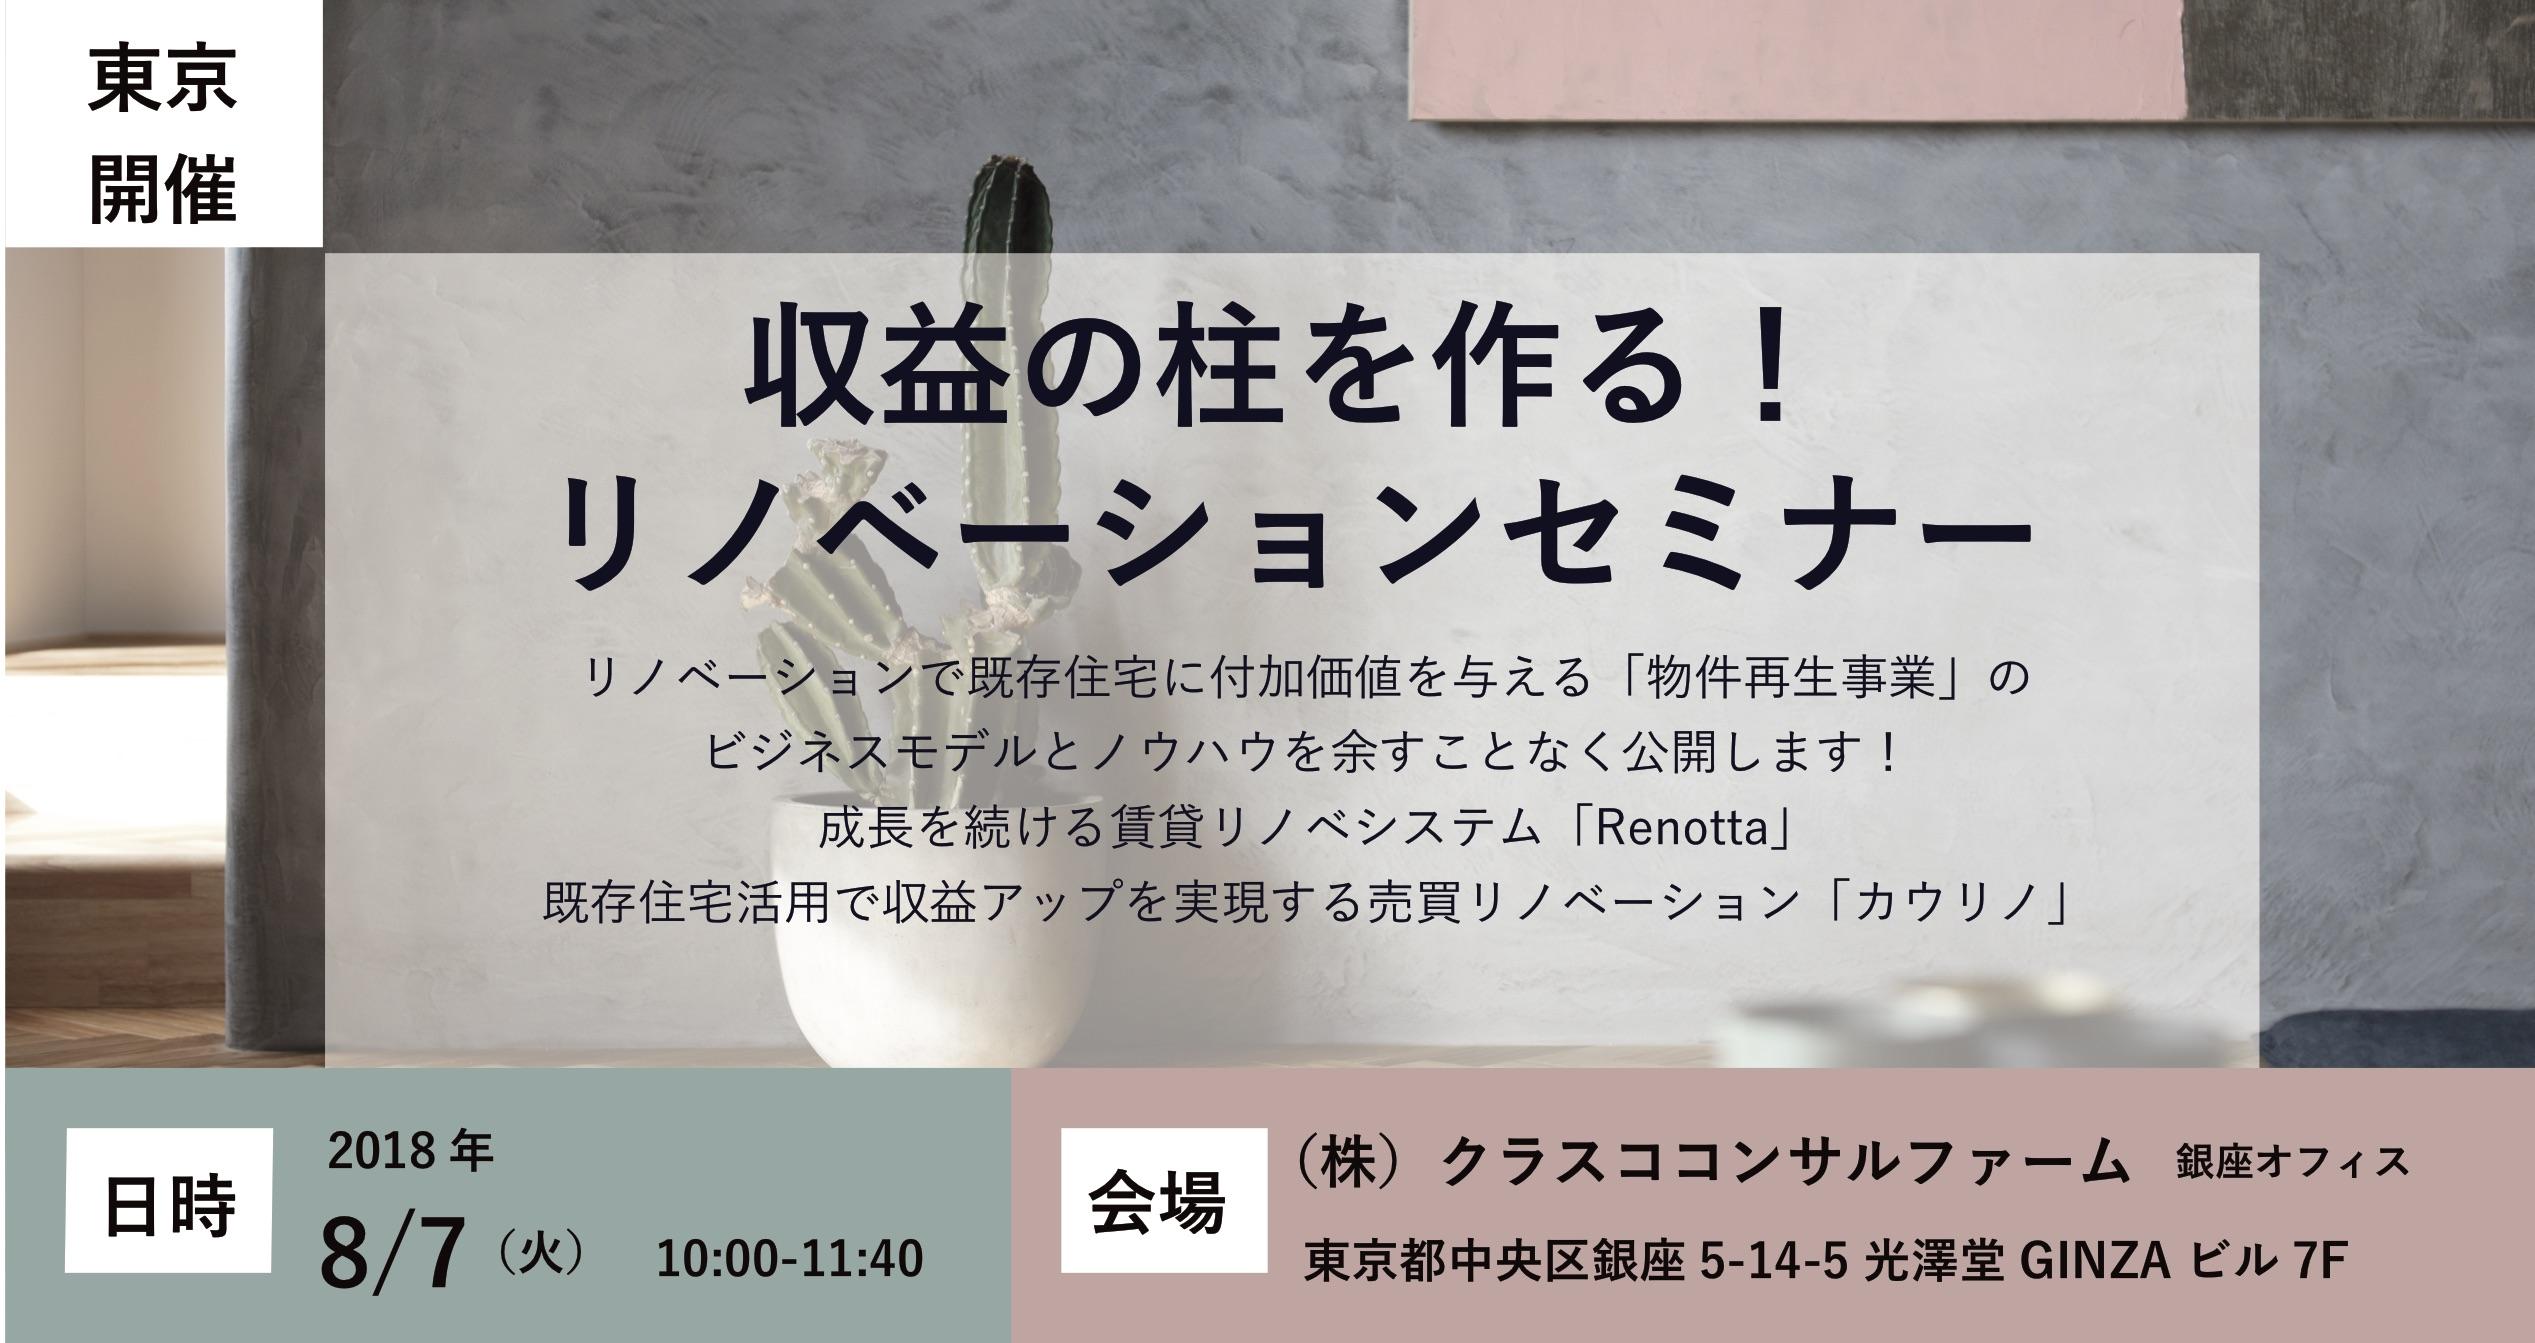 8/7(火)【東京・銀座】収益の柱を作る!リノベーションセミナー